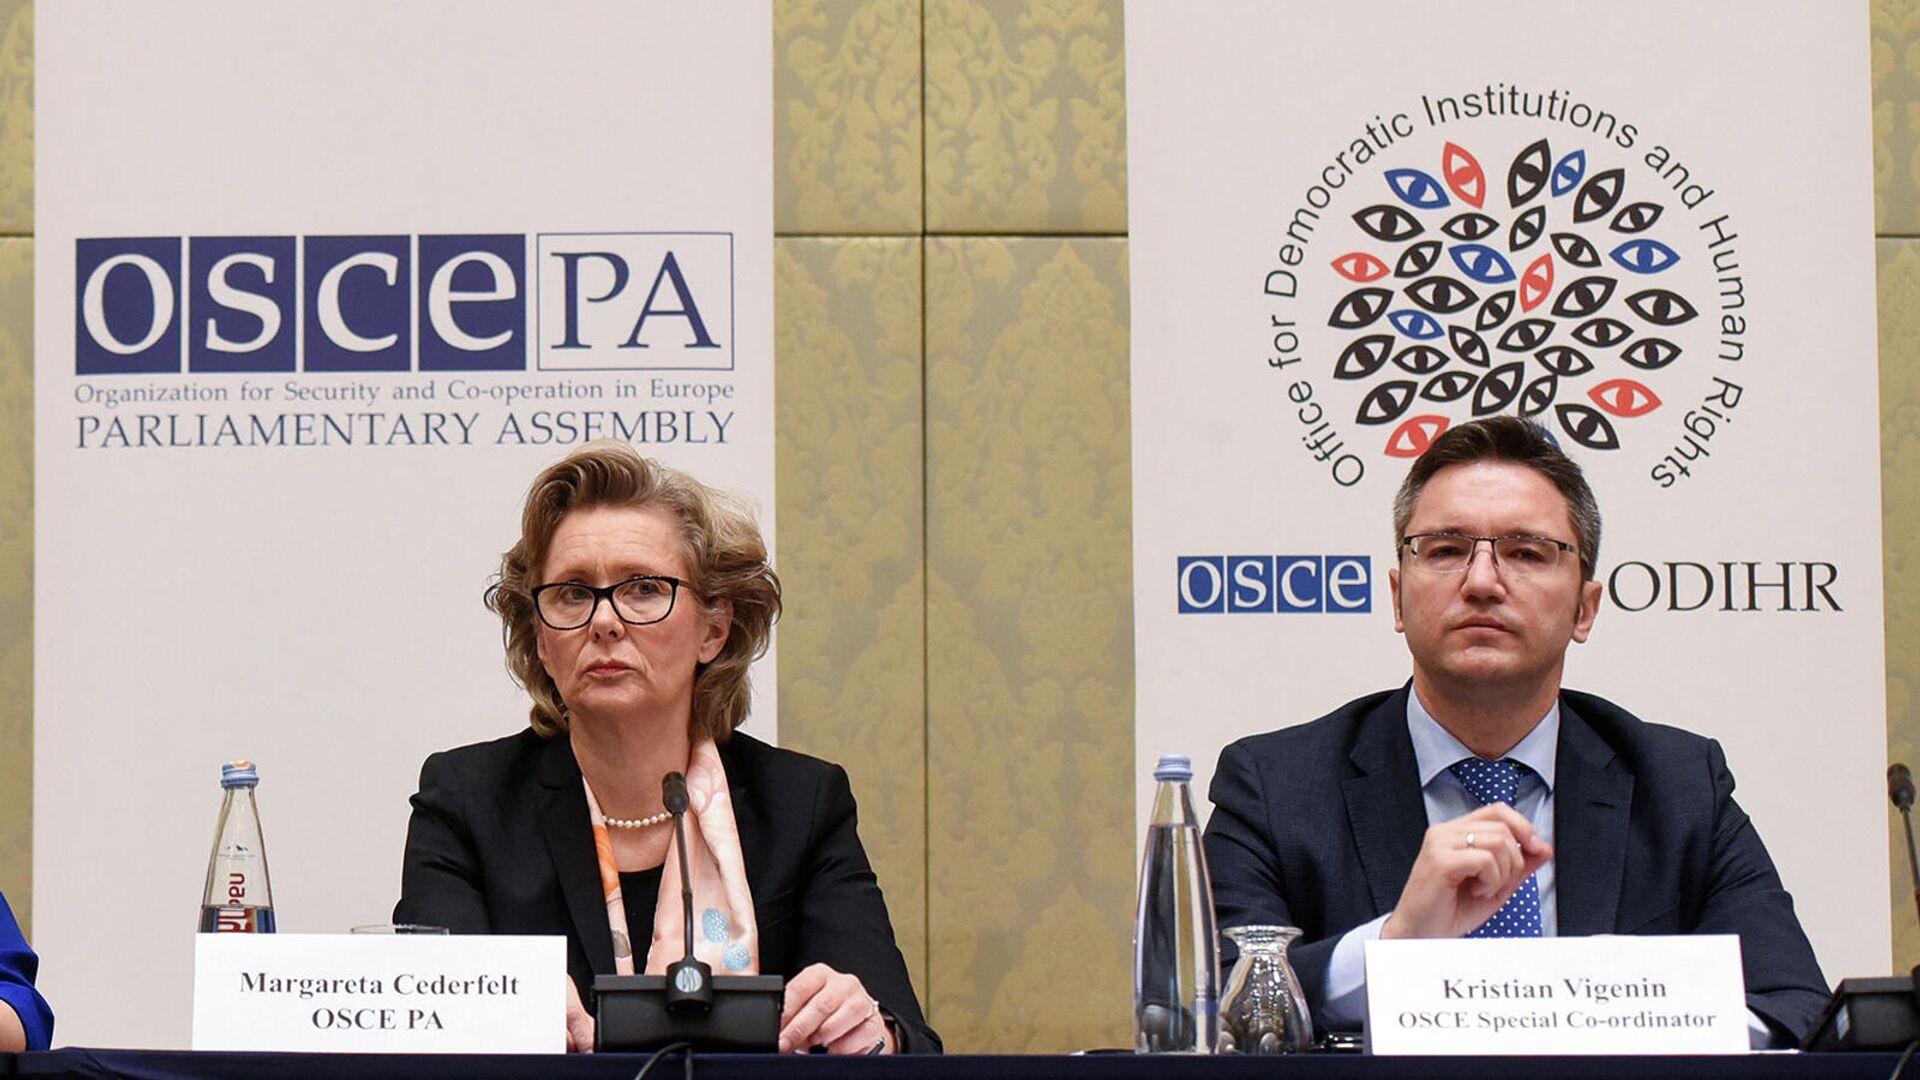 Вице-президент ПА ОБСЕ Маргарета Седерфельт и специальный координатор ОБСЕ Кристиан Вигенин дают пресс-конференцию (29 ноября 2018). Тбилиси - Sputnik Армения, 1920, 17.09.2021